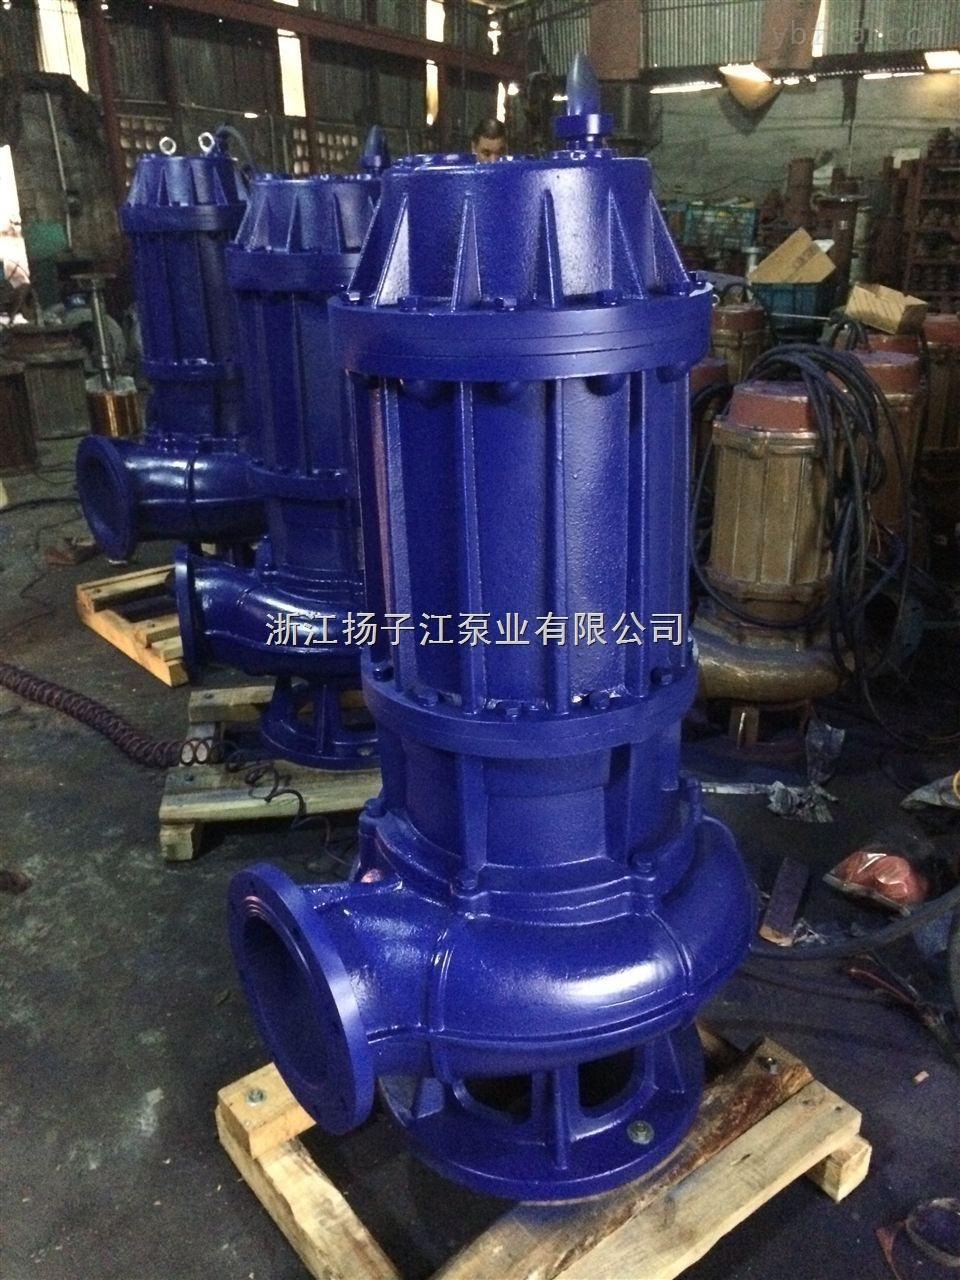 QW潜水排污泵,移动式排污泵,集水坑潜污泵,地下室污水泵